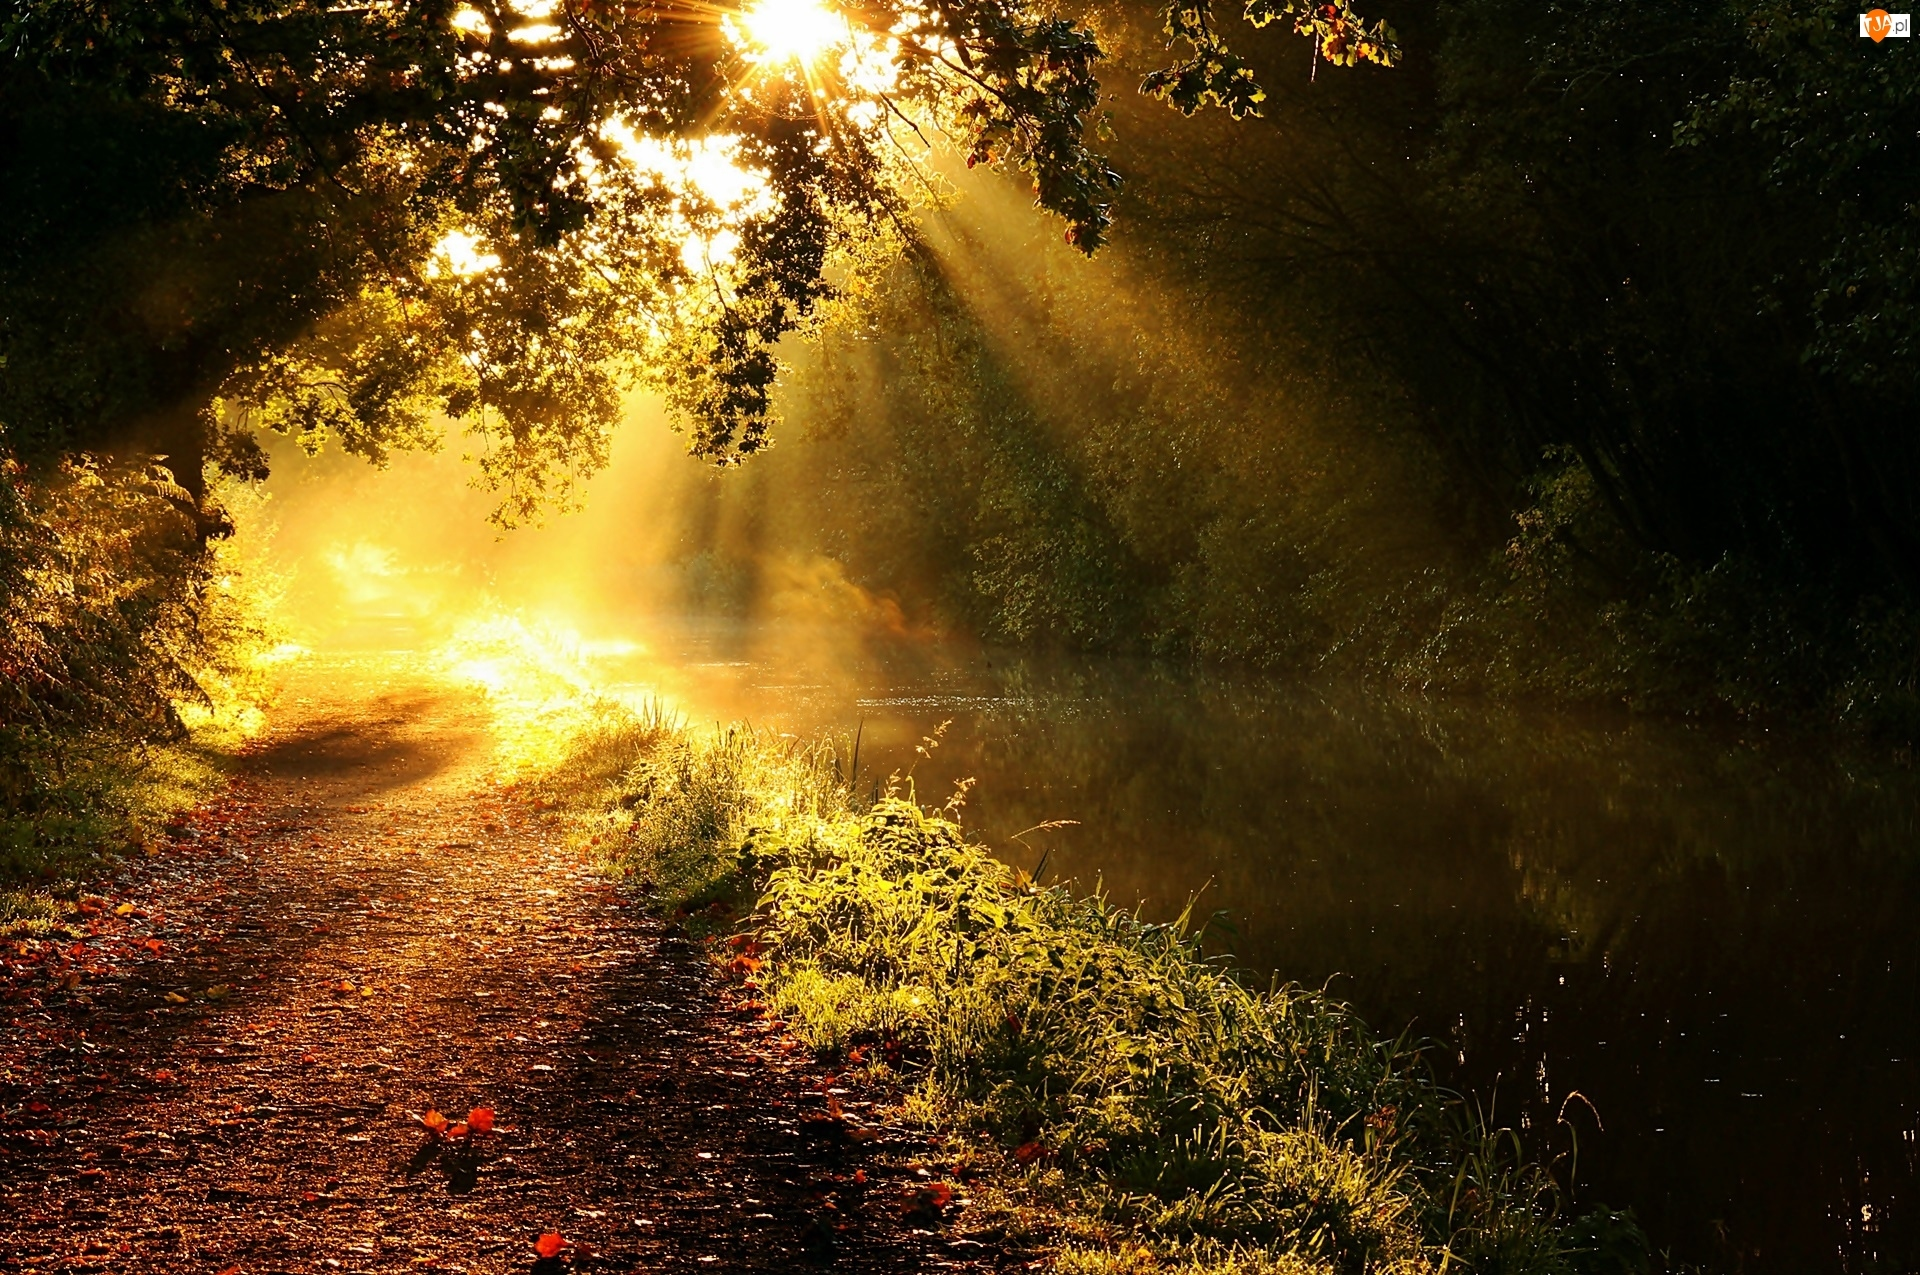 Słońca, Las, Droga, Rzeka, Promienie